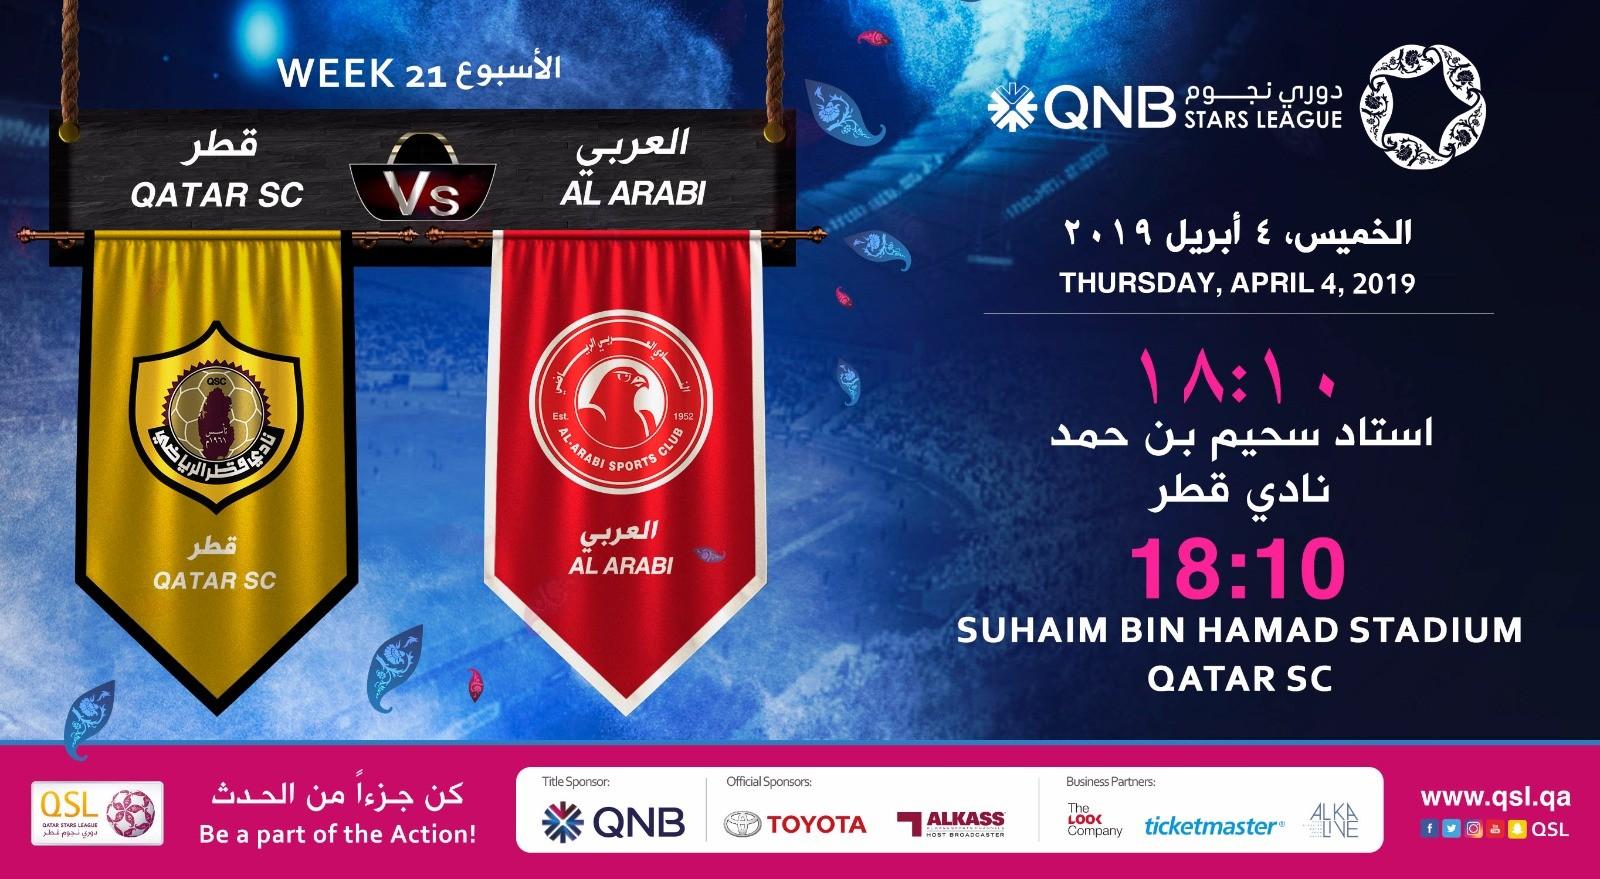 QNB Stars League Week 21 — Qatar SC vs Al Arabi